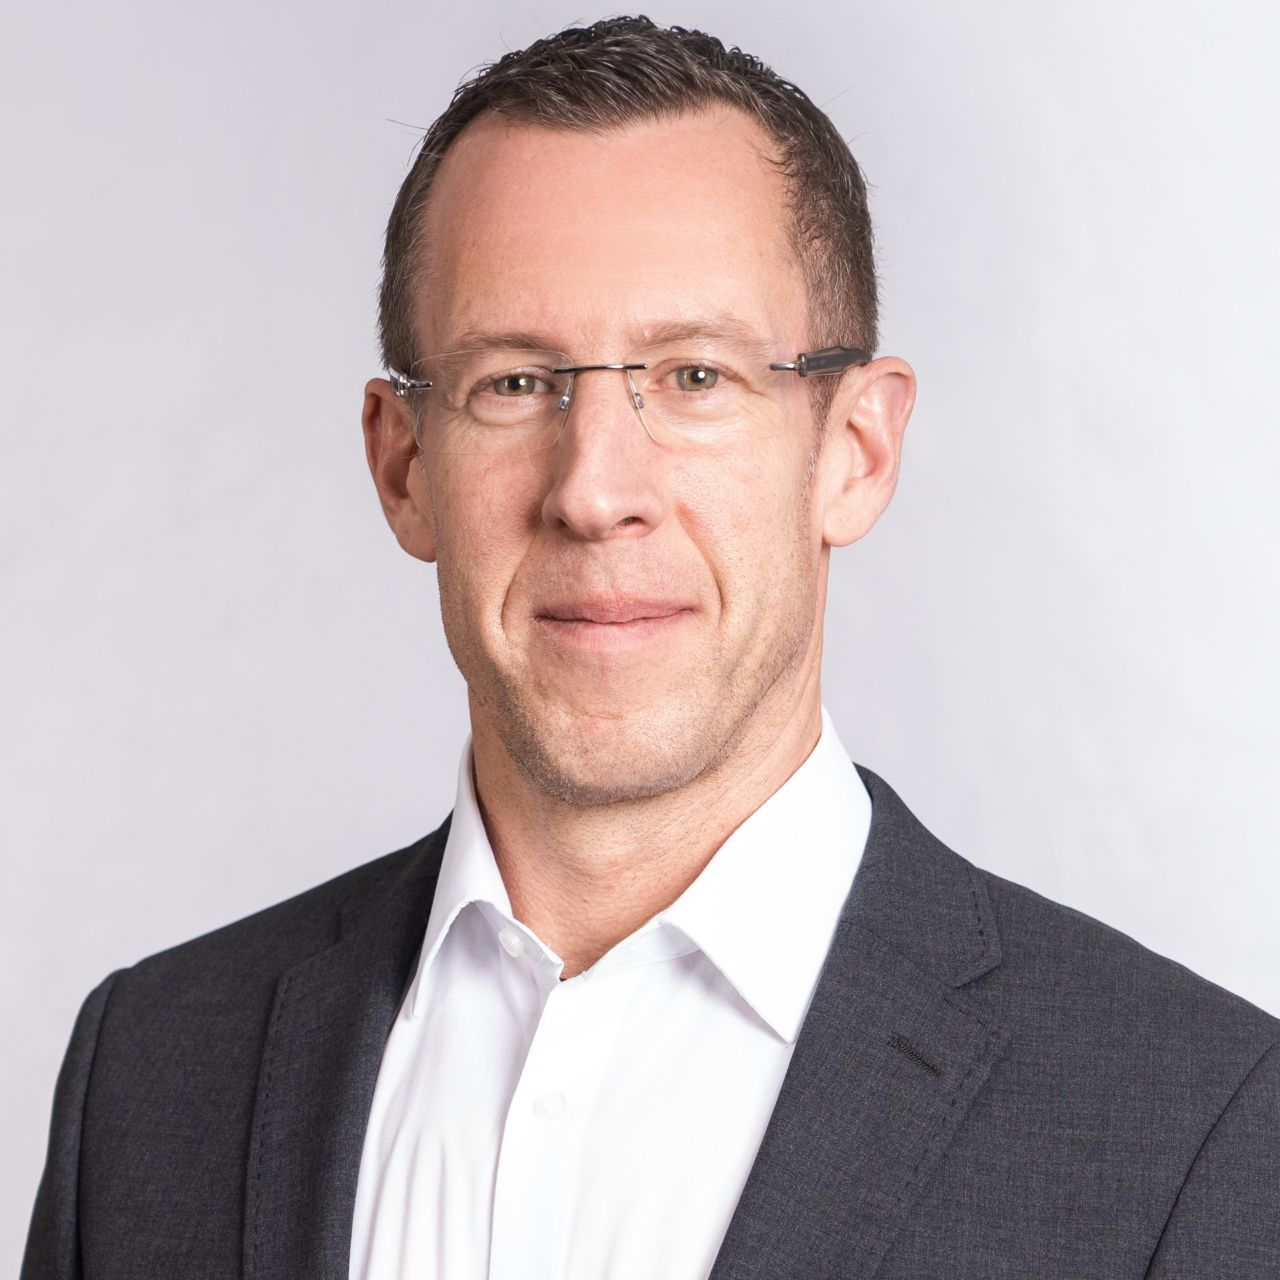 Wolfgang Kohlert